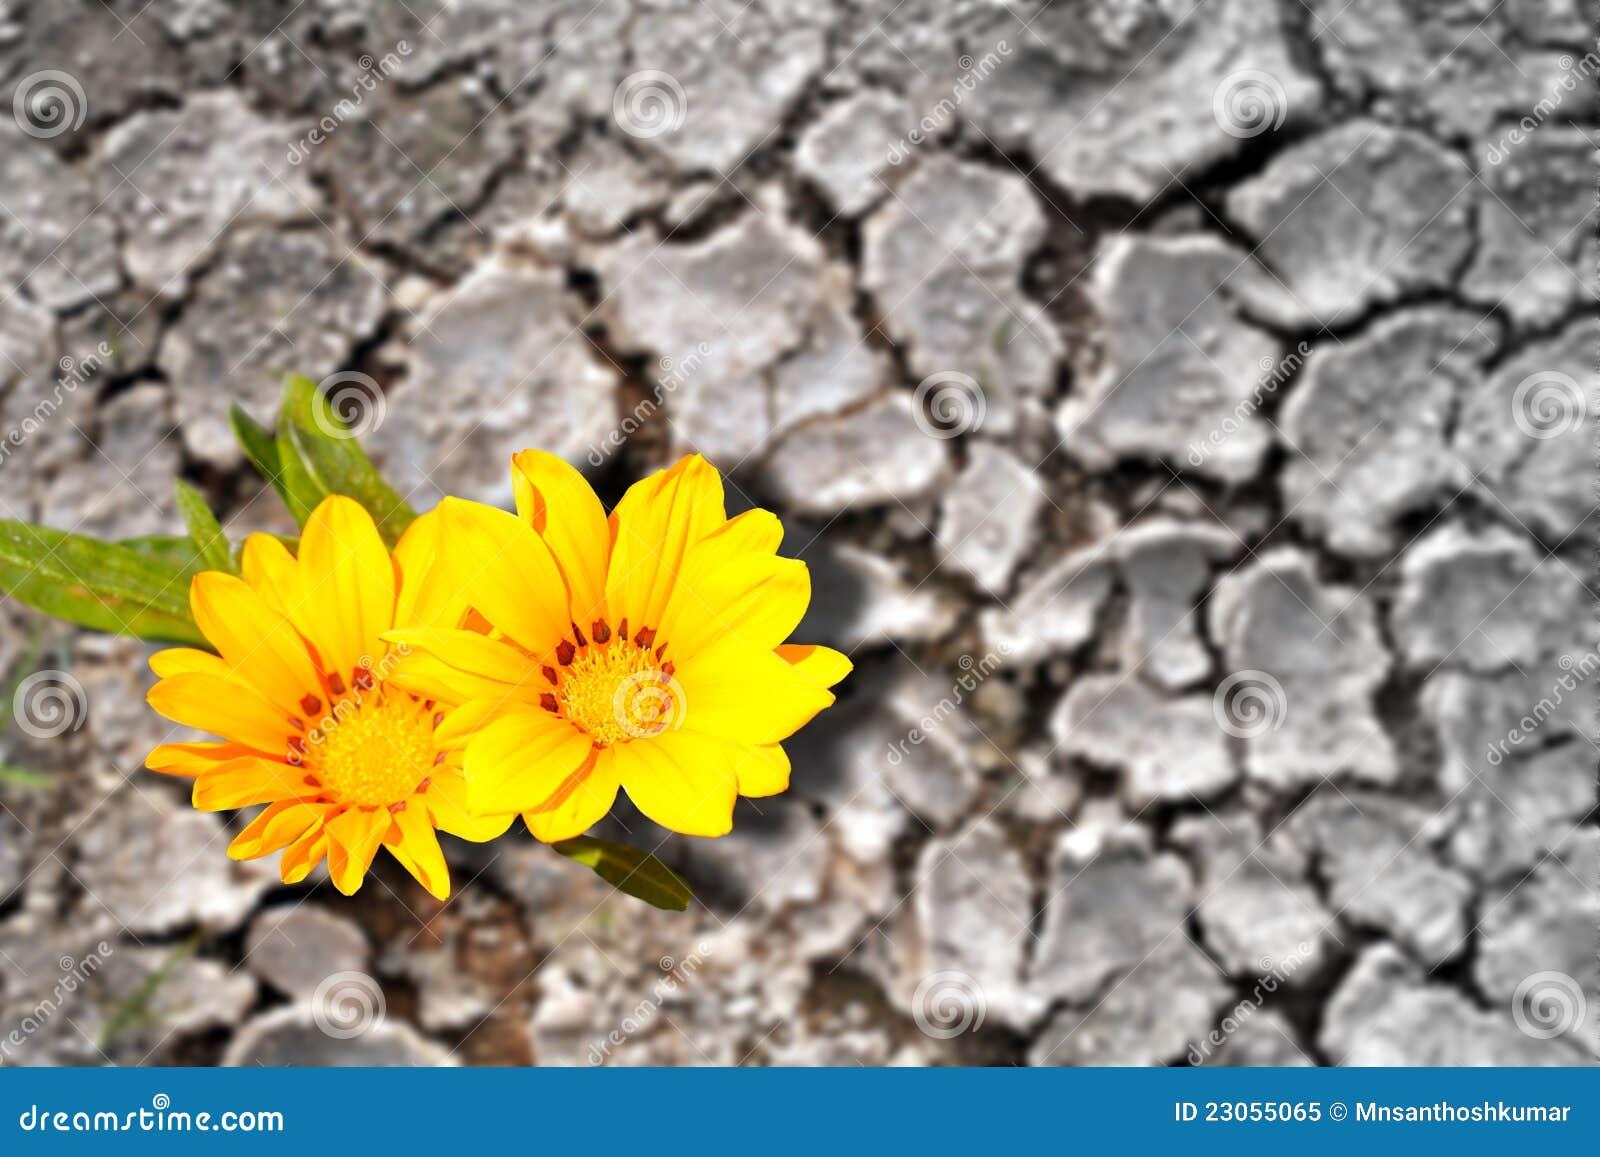 Suchych pojęcia kwiatów gruntowa uporczywość